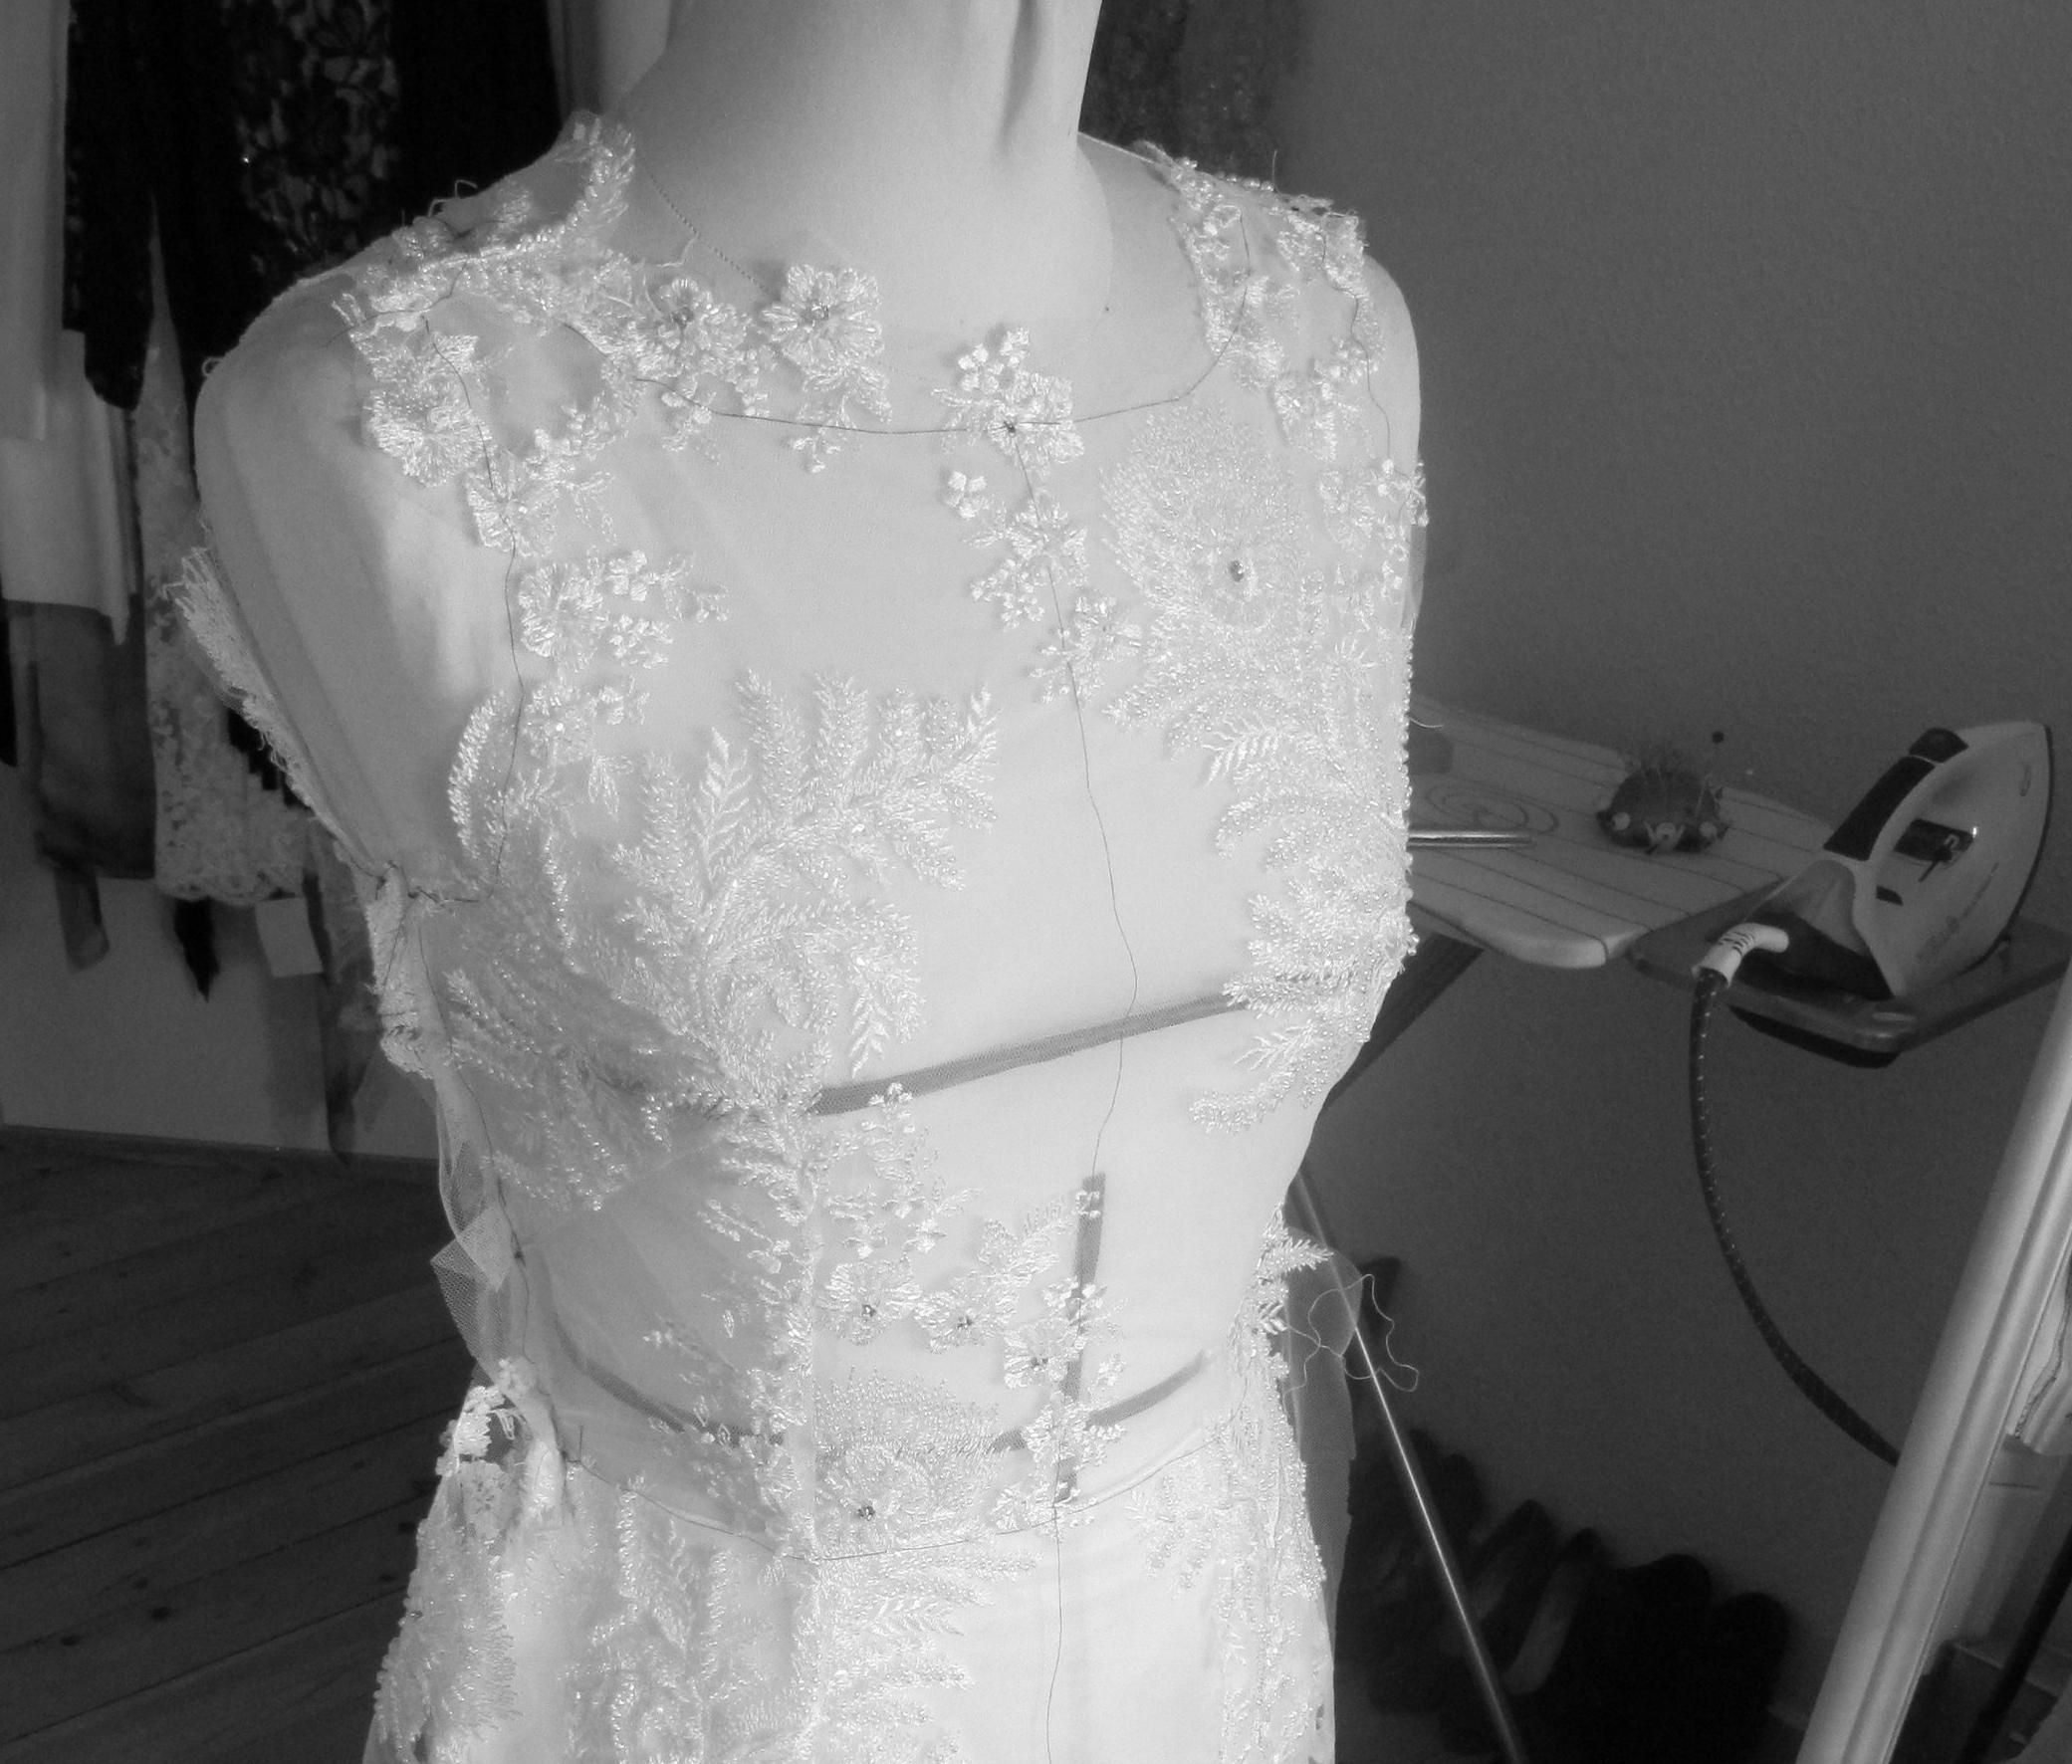 Blondekjole stosning brudekjole.JPG